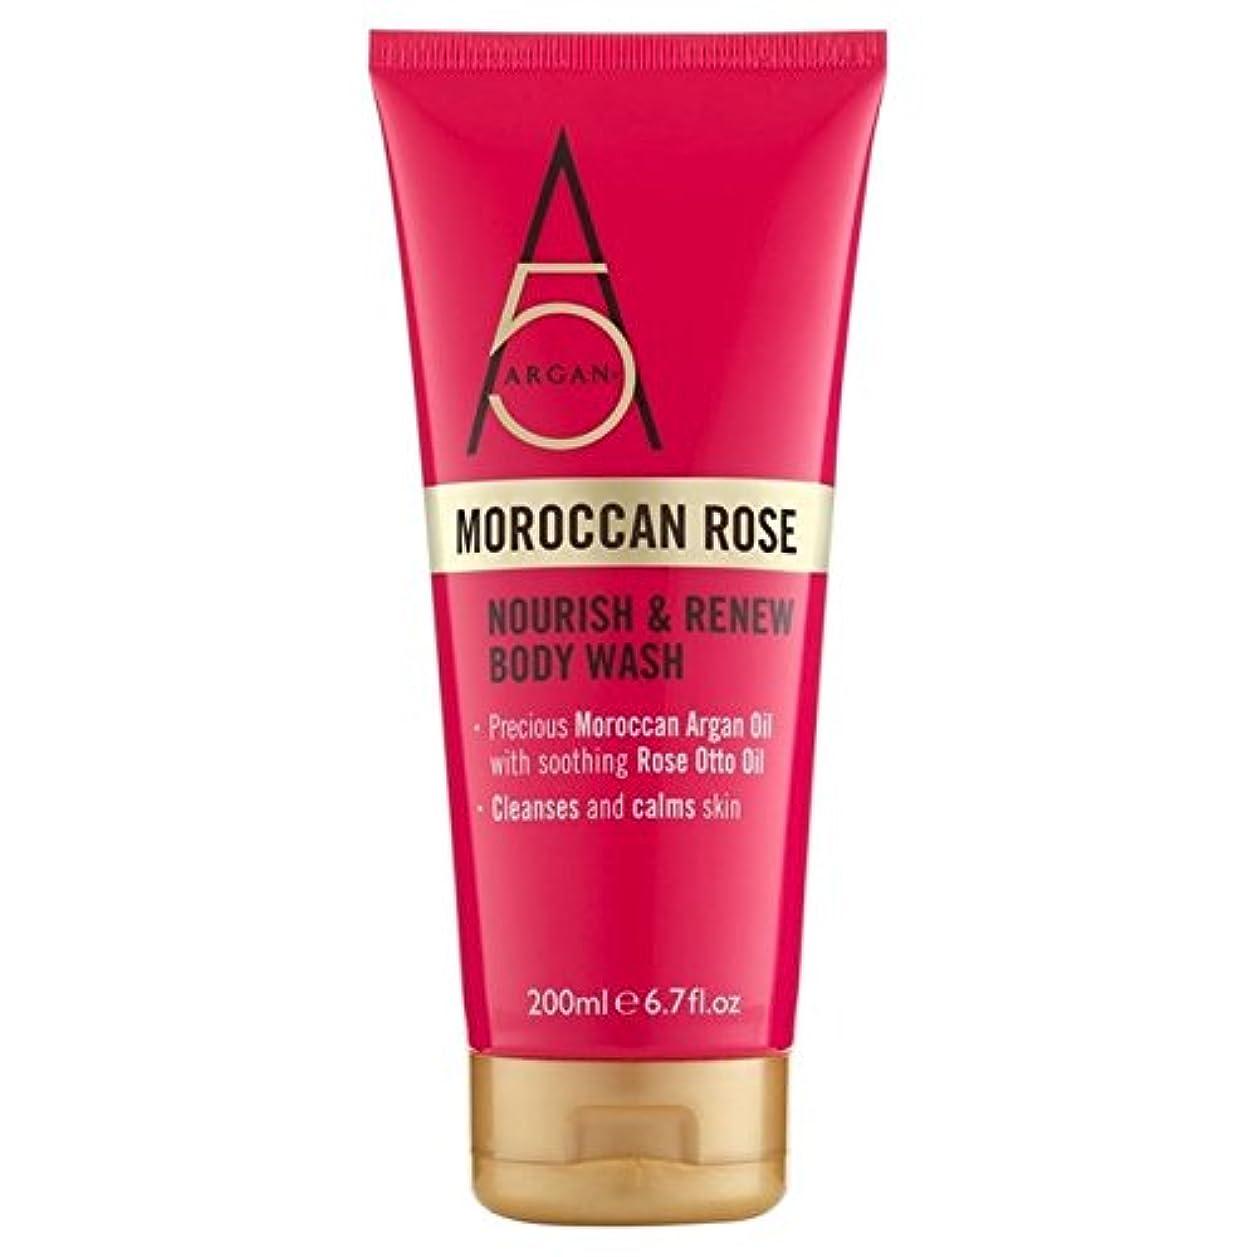 スティックキャラクター名前でアルガン+モロッコは、ボディウォッシュ300ミリリットルをバラ x4 - Argan+ Moroccan Rose Body Wash 300ml (Pack of 4) [並行輸入品]